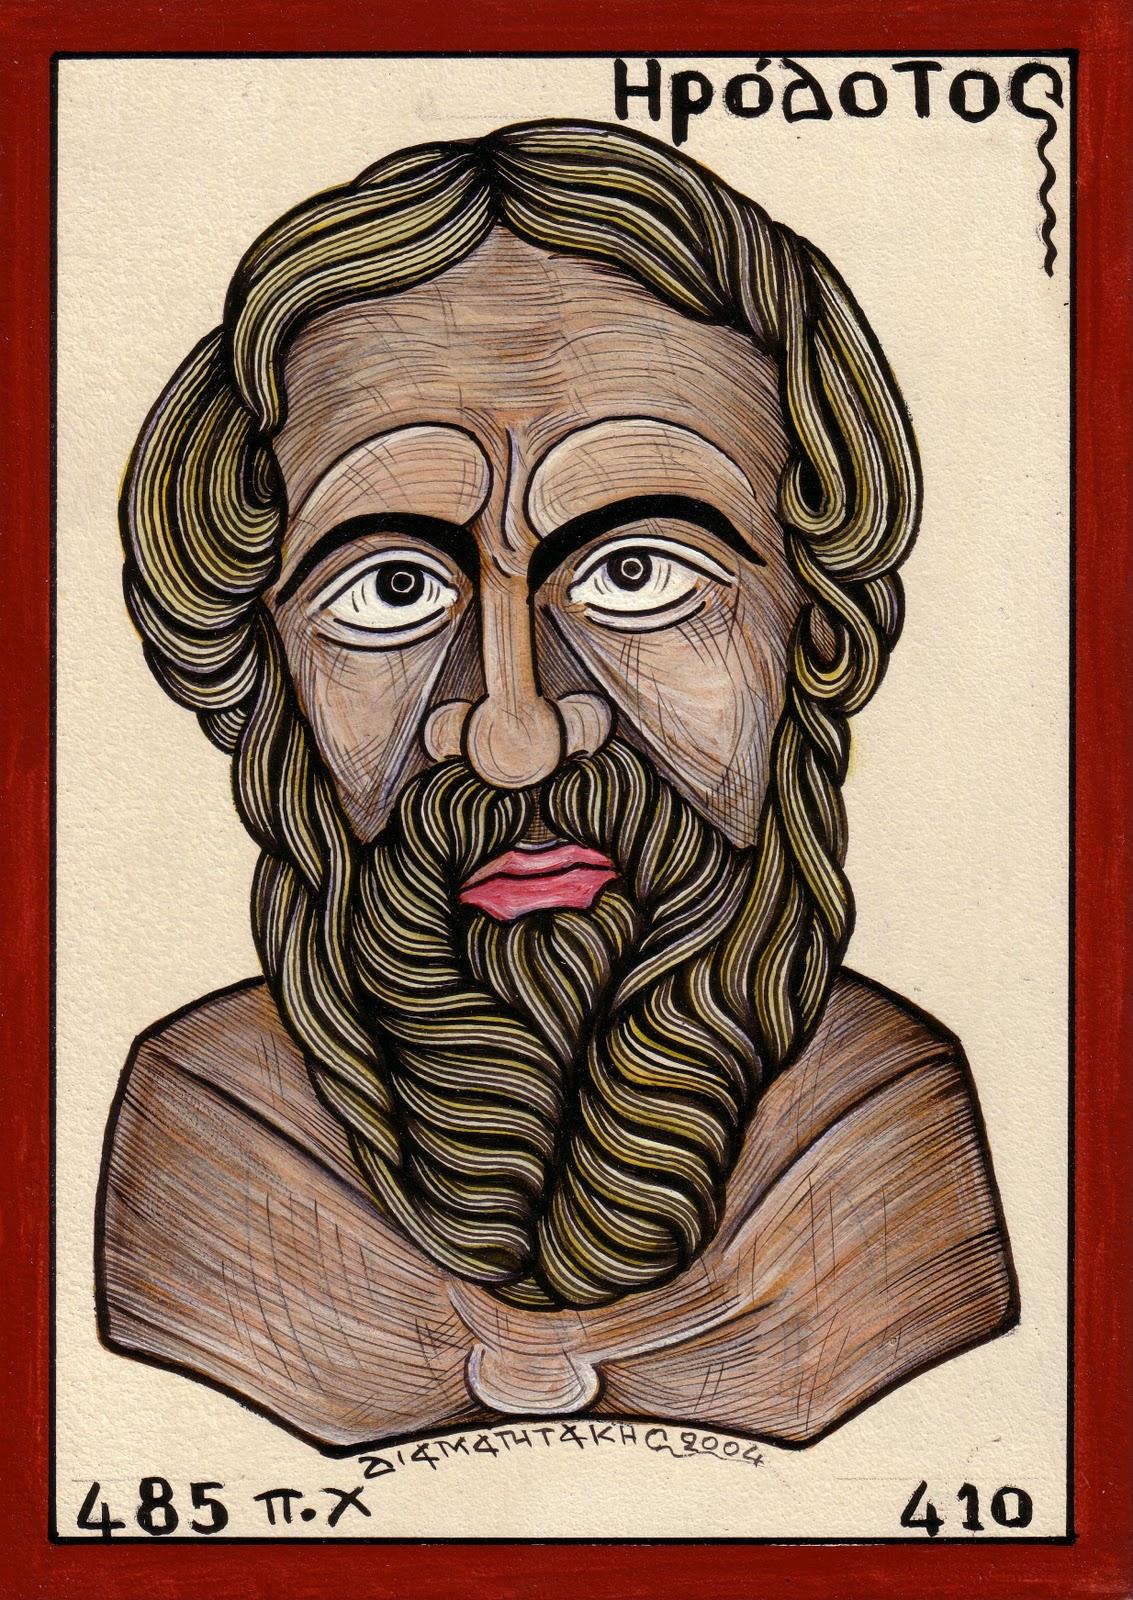 Ηρόδοτος, Ένας πρωτοπόρος εθνοϊστορικός (της Αγγελική Κομποχόλη)